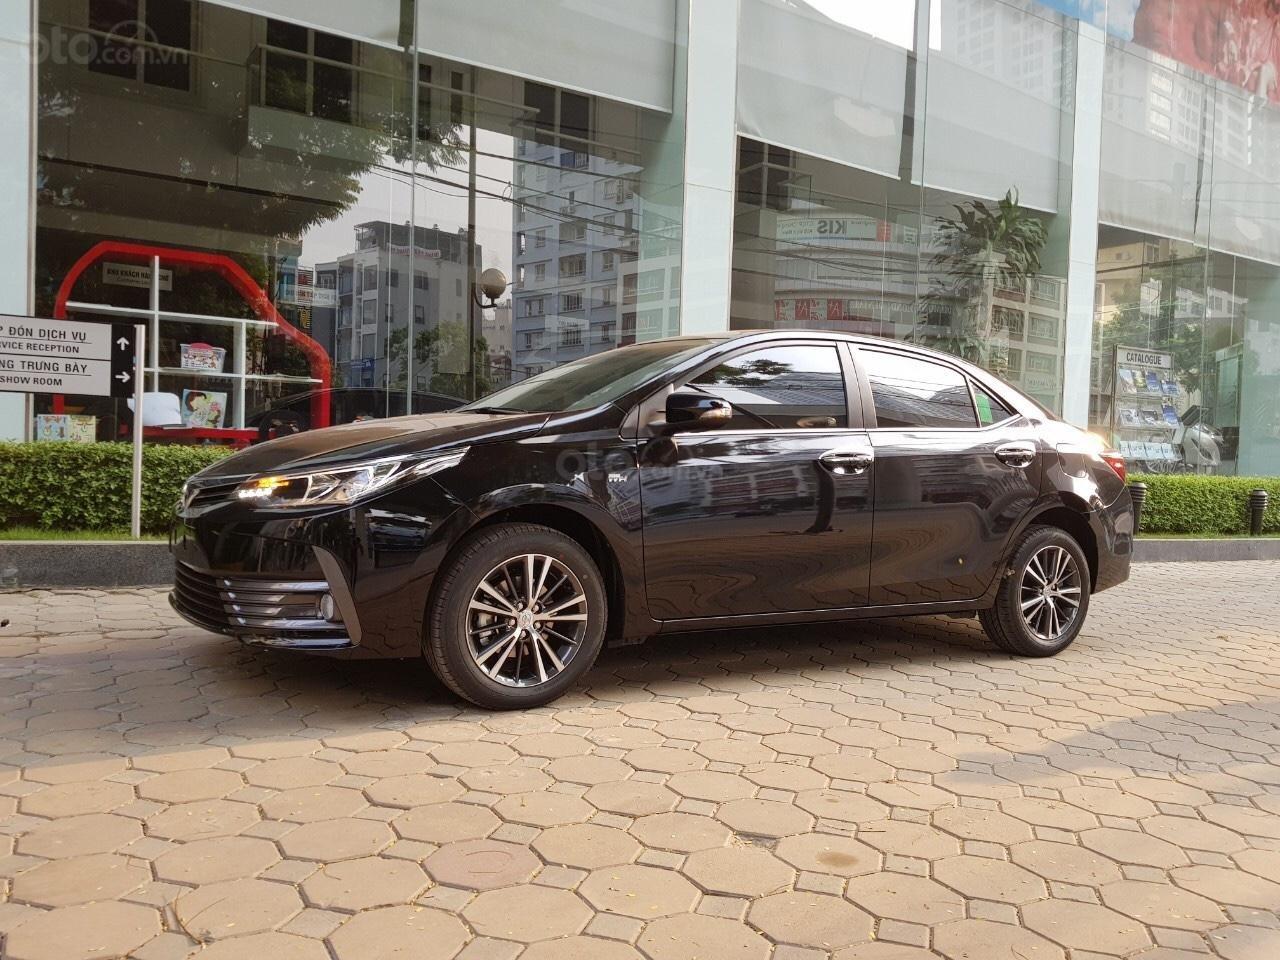 Khuyến mại tốt dành cho Toyota Altis G 2019, hỗ trợ trả góp lên đến 90% giá trị xe. Hotline 0971 123 125-0